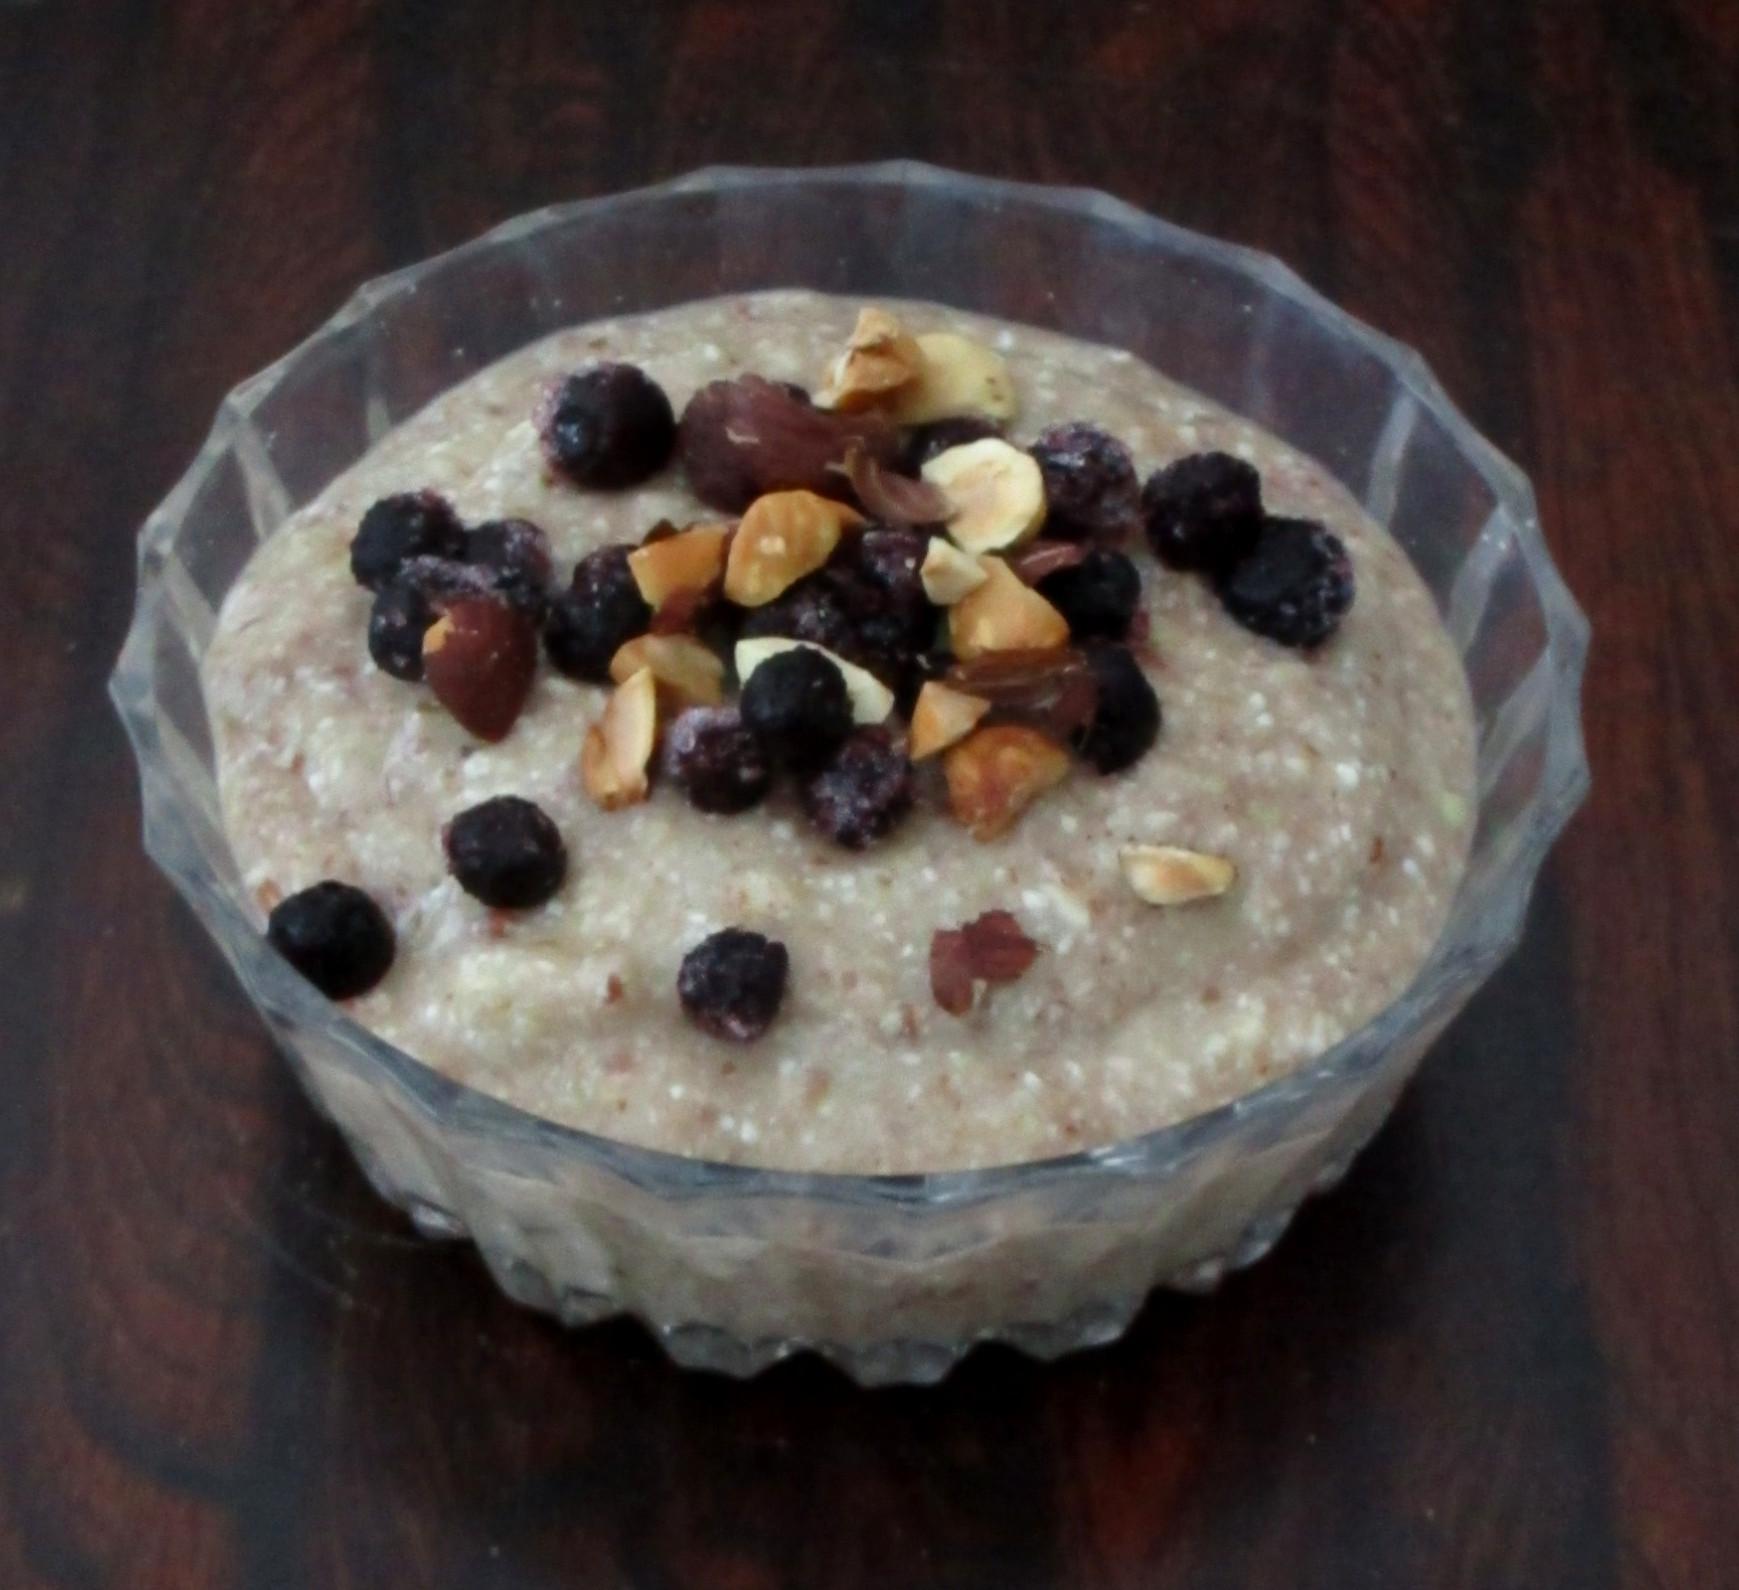 boekweitpap ontbijt met blauwe bessen glutenvrij suikervrij vegan veganistisch e-nummervrij meukvrij sojavrij lactosevrij